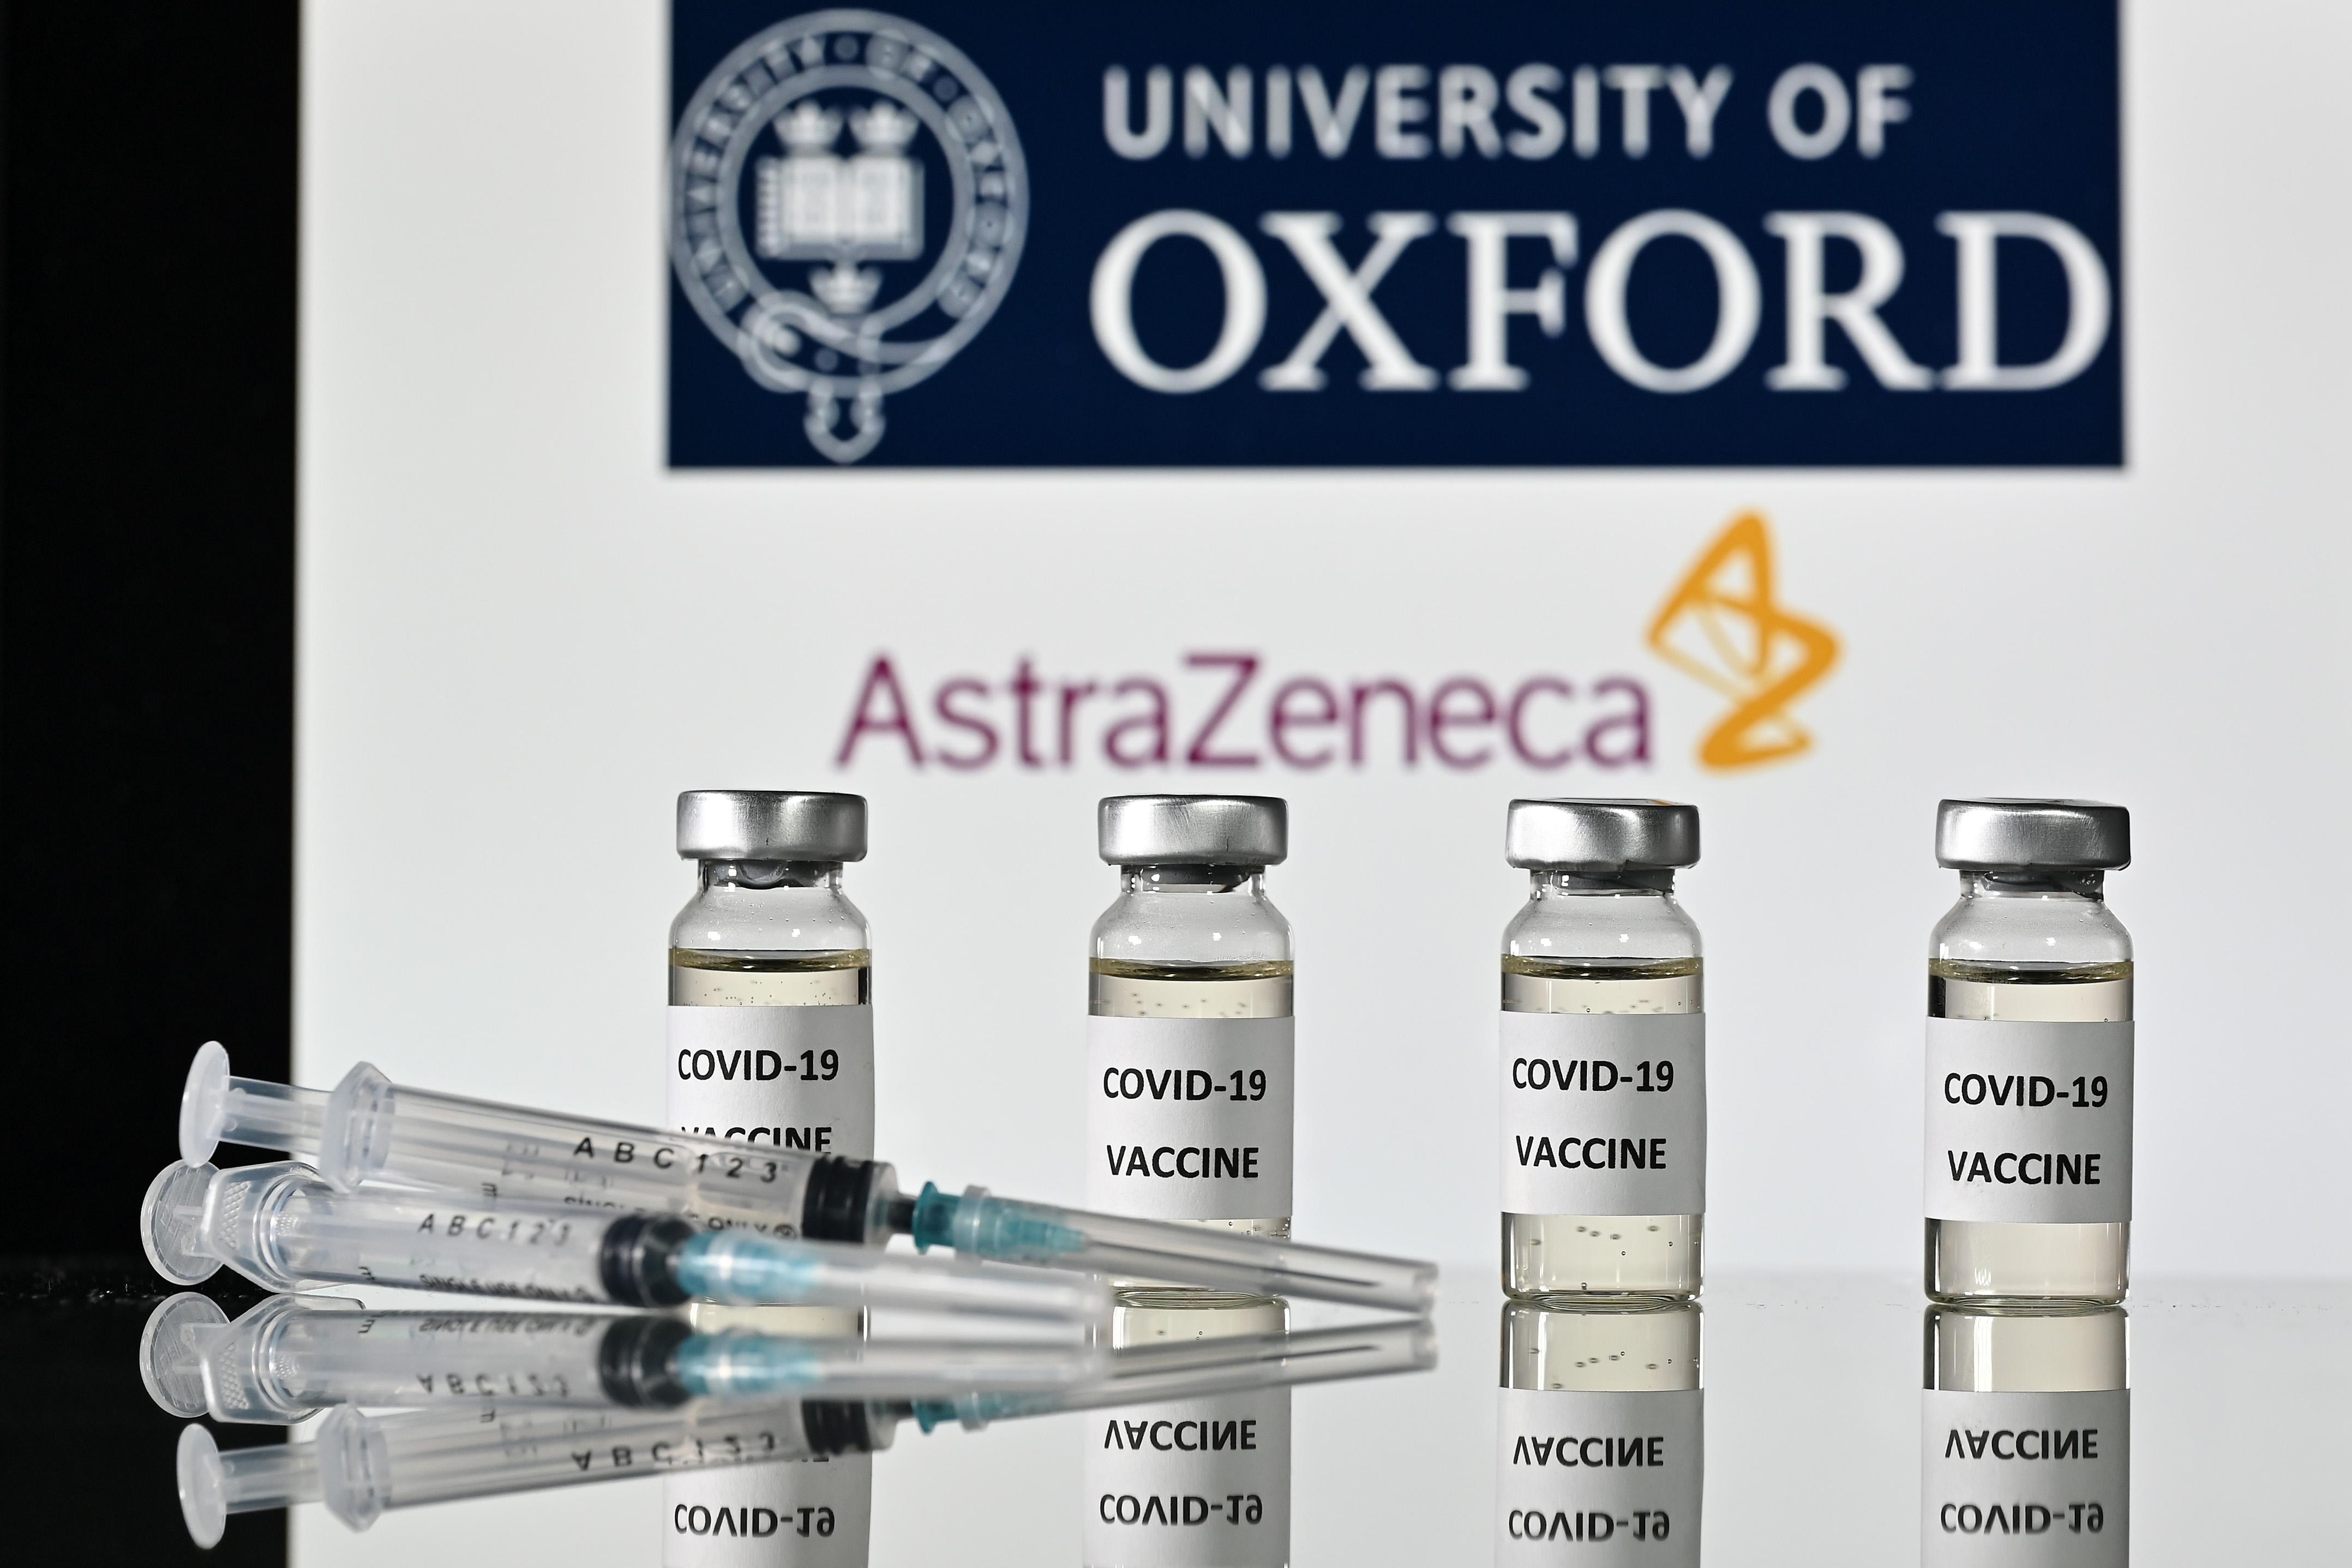 Vakcinája engedélyezését kéri az AstraZeneca az Európai Gyógyszerügynökségtől